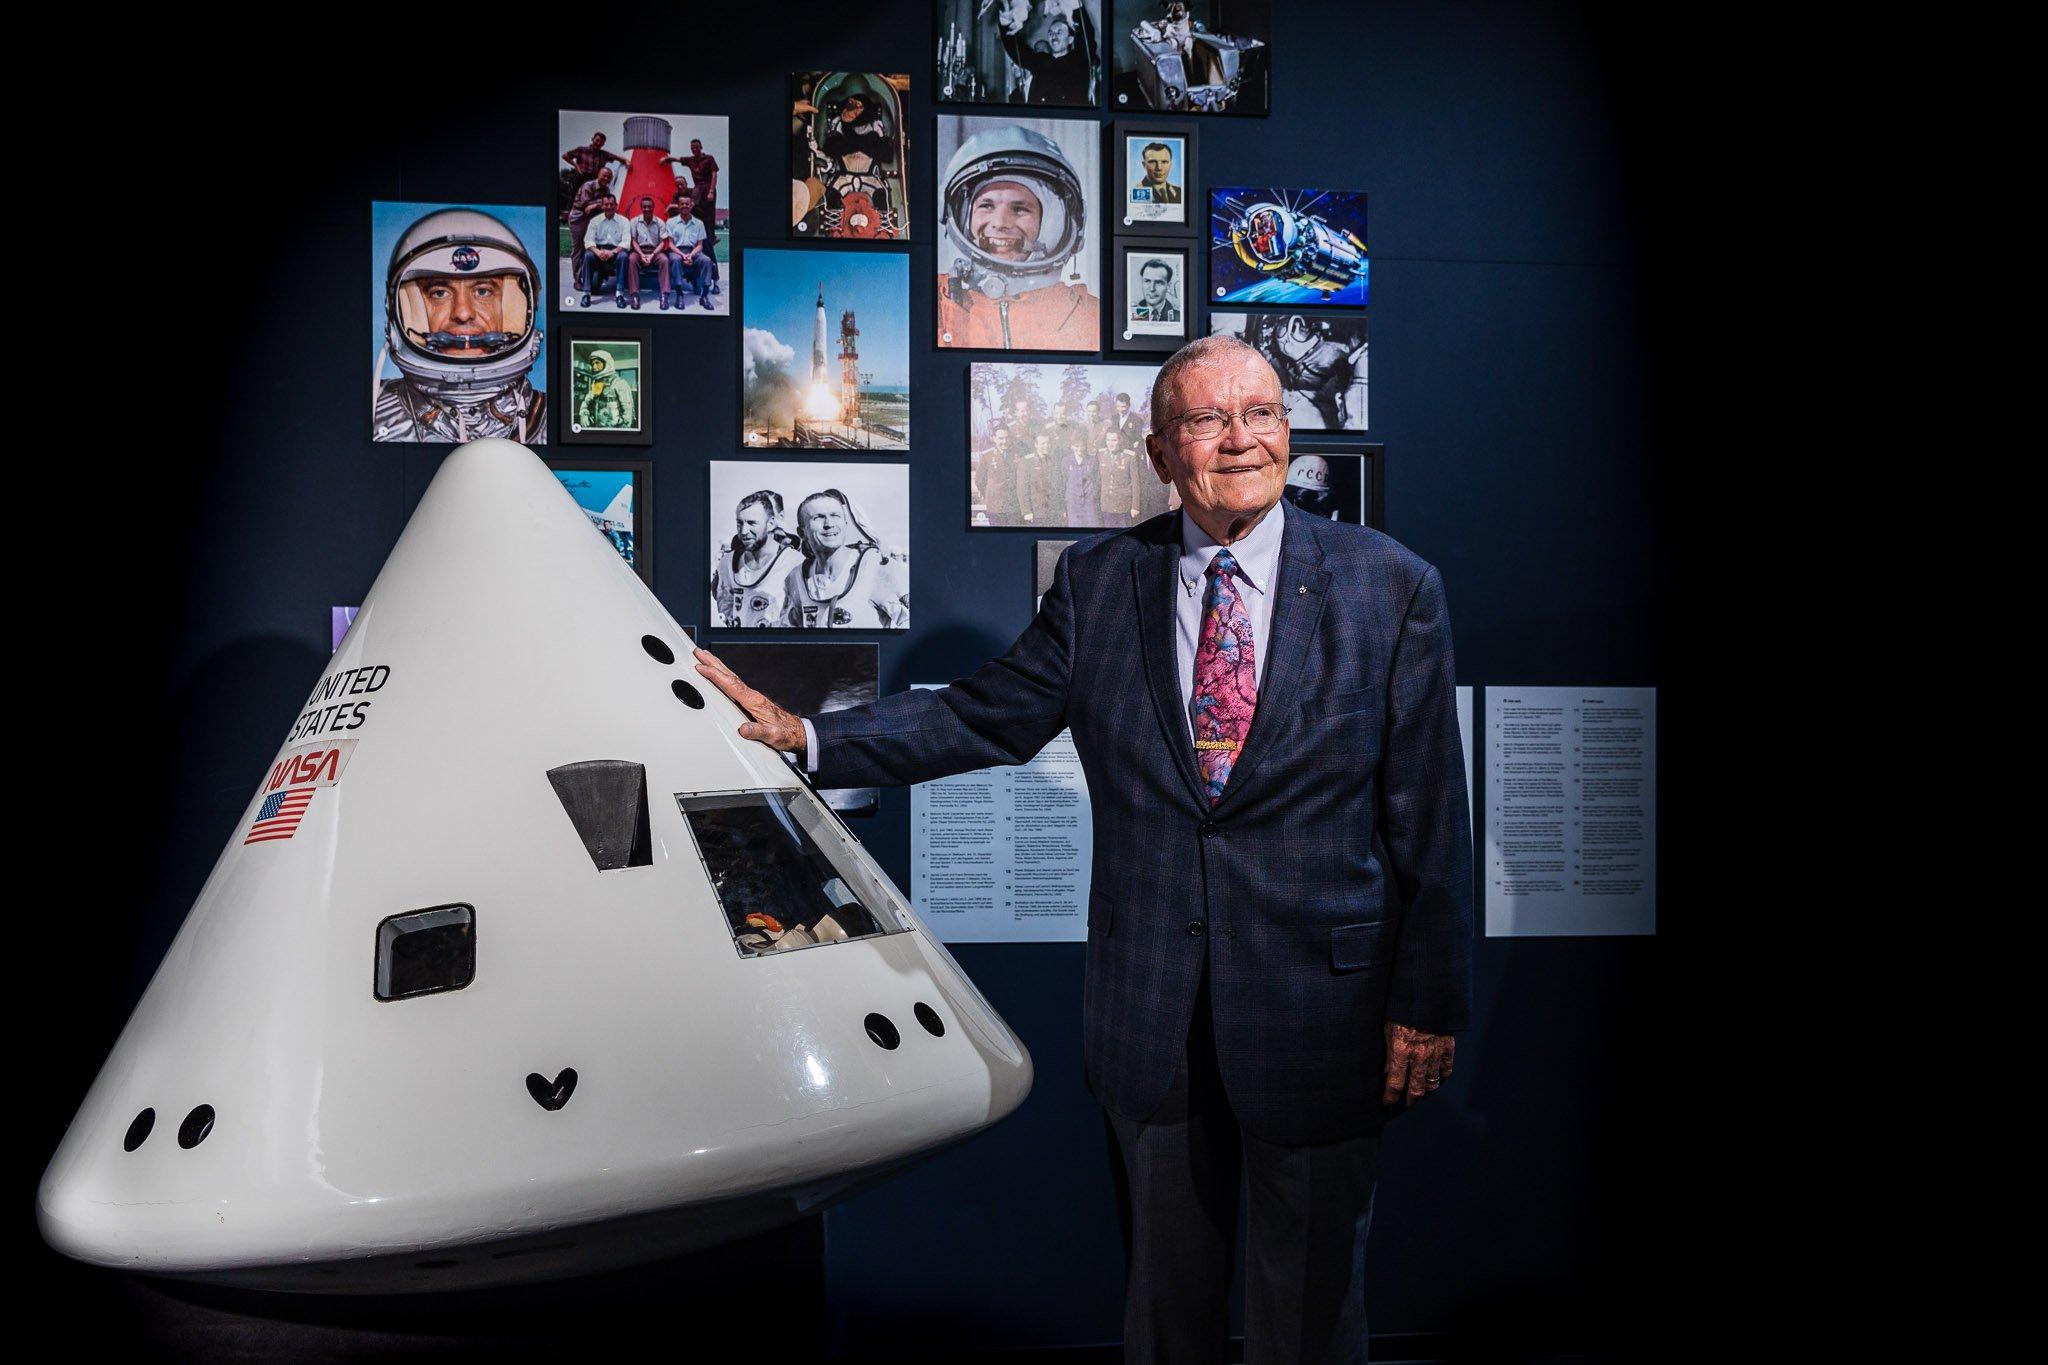 Portrait von Fred Haise, Astronaut der Apollo 13 Mission